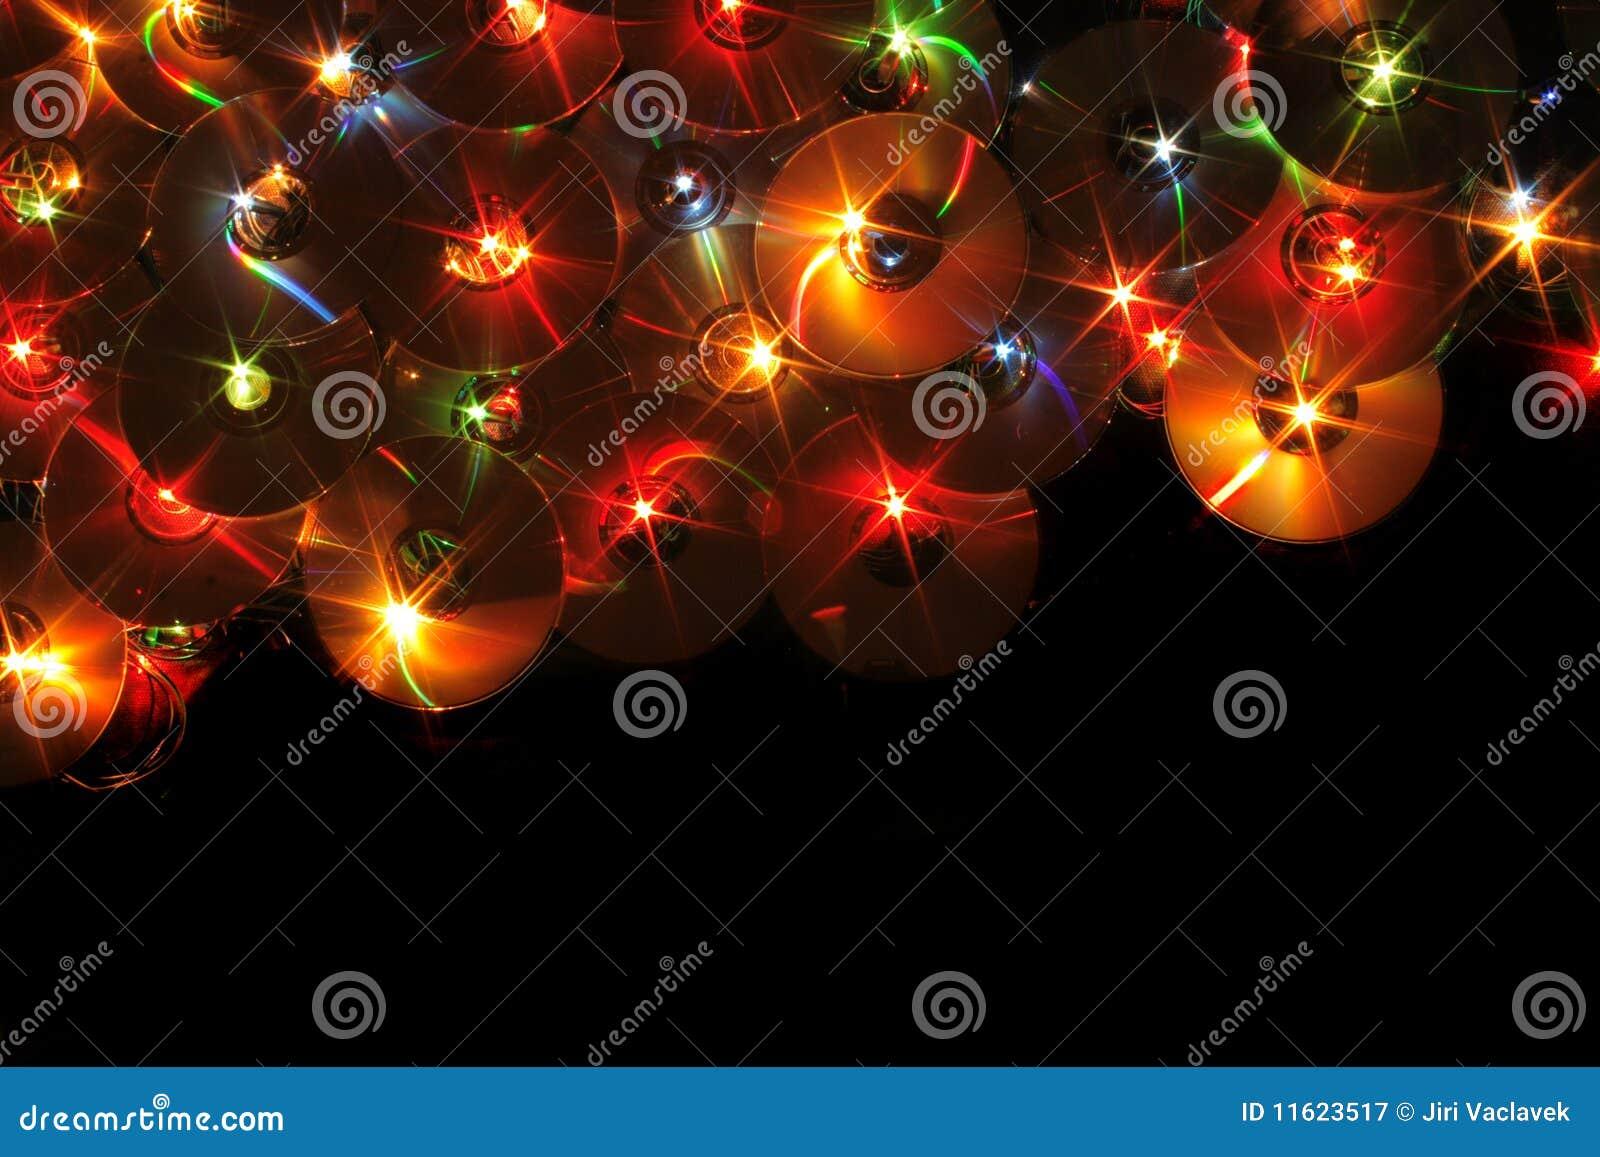 Xmas music background stock image. Image of celebrate - 11623517